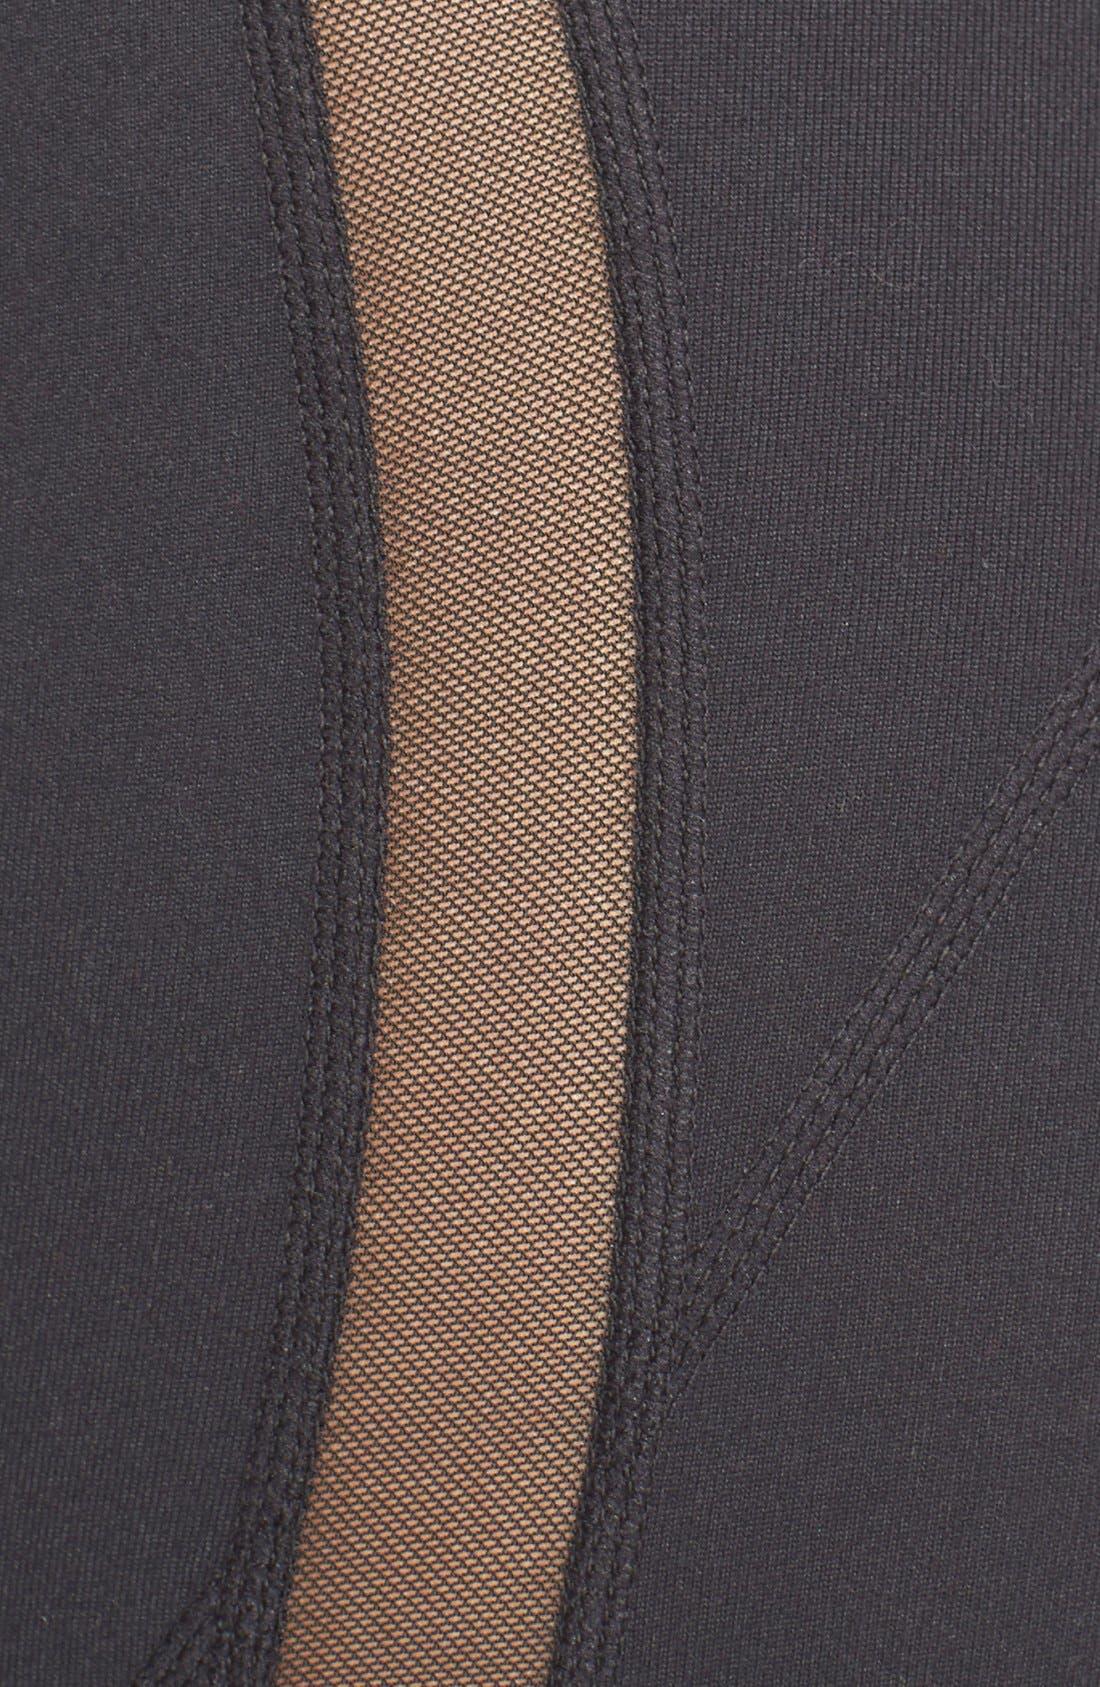 Alternate Image 5  - Zella Sheer to Here High Waist Leggings